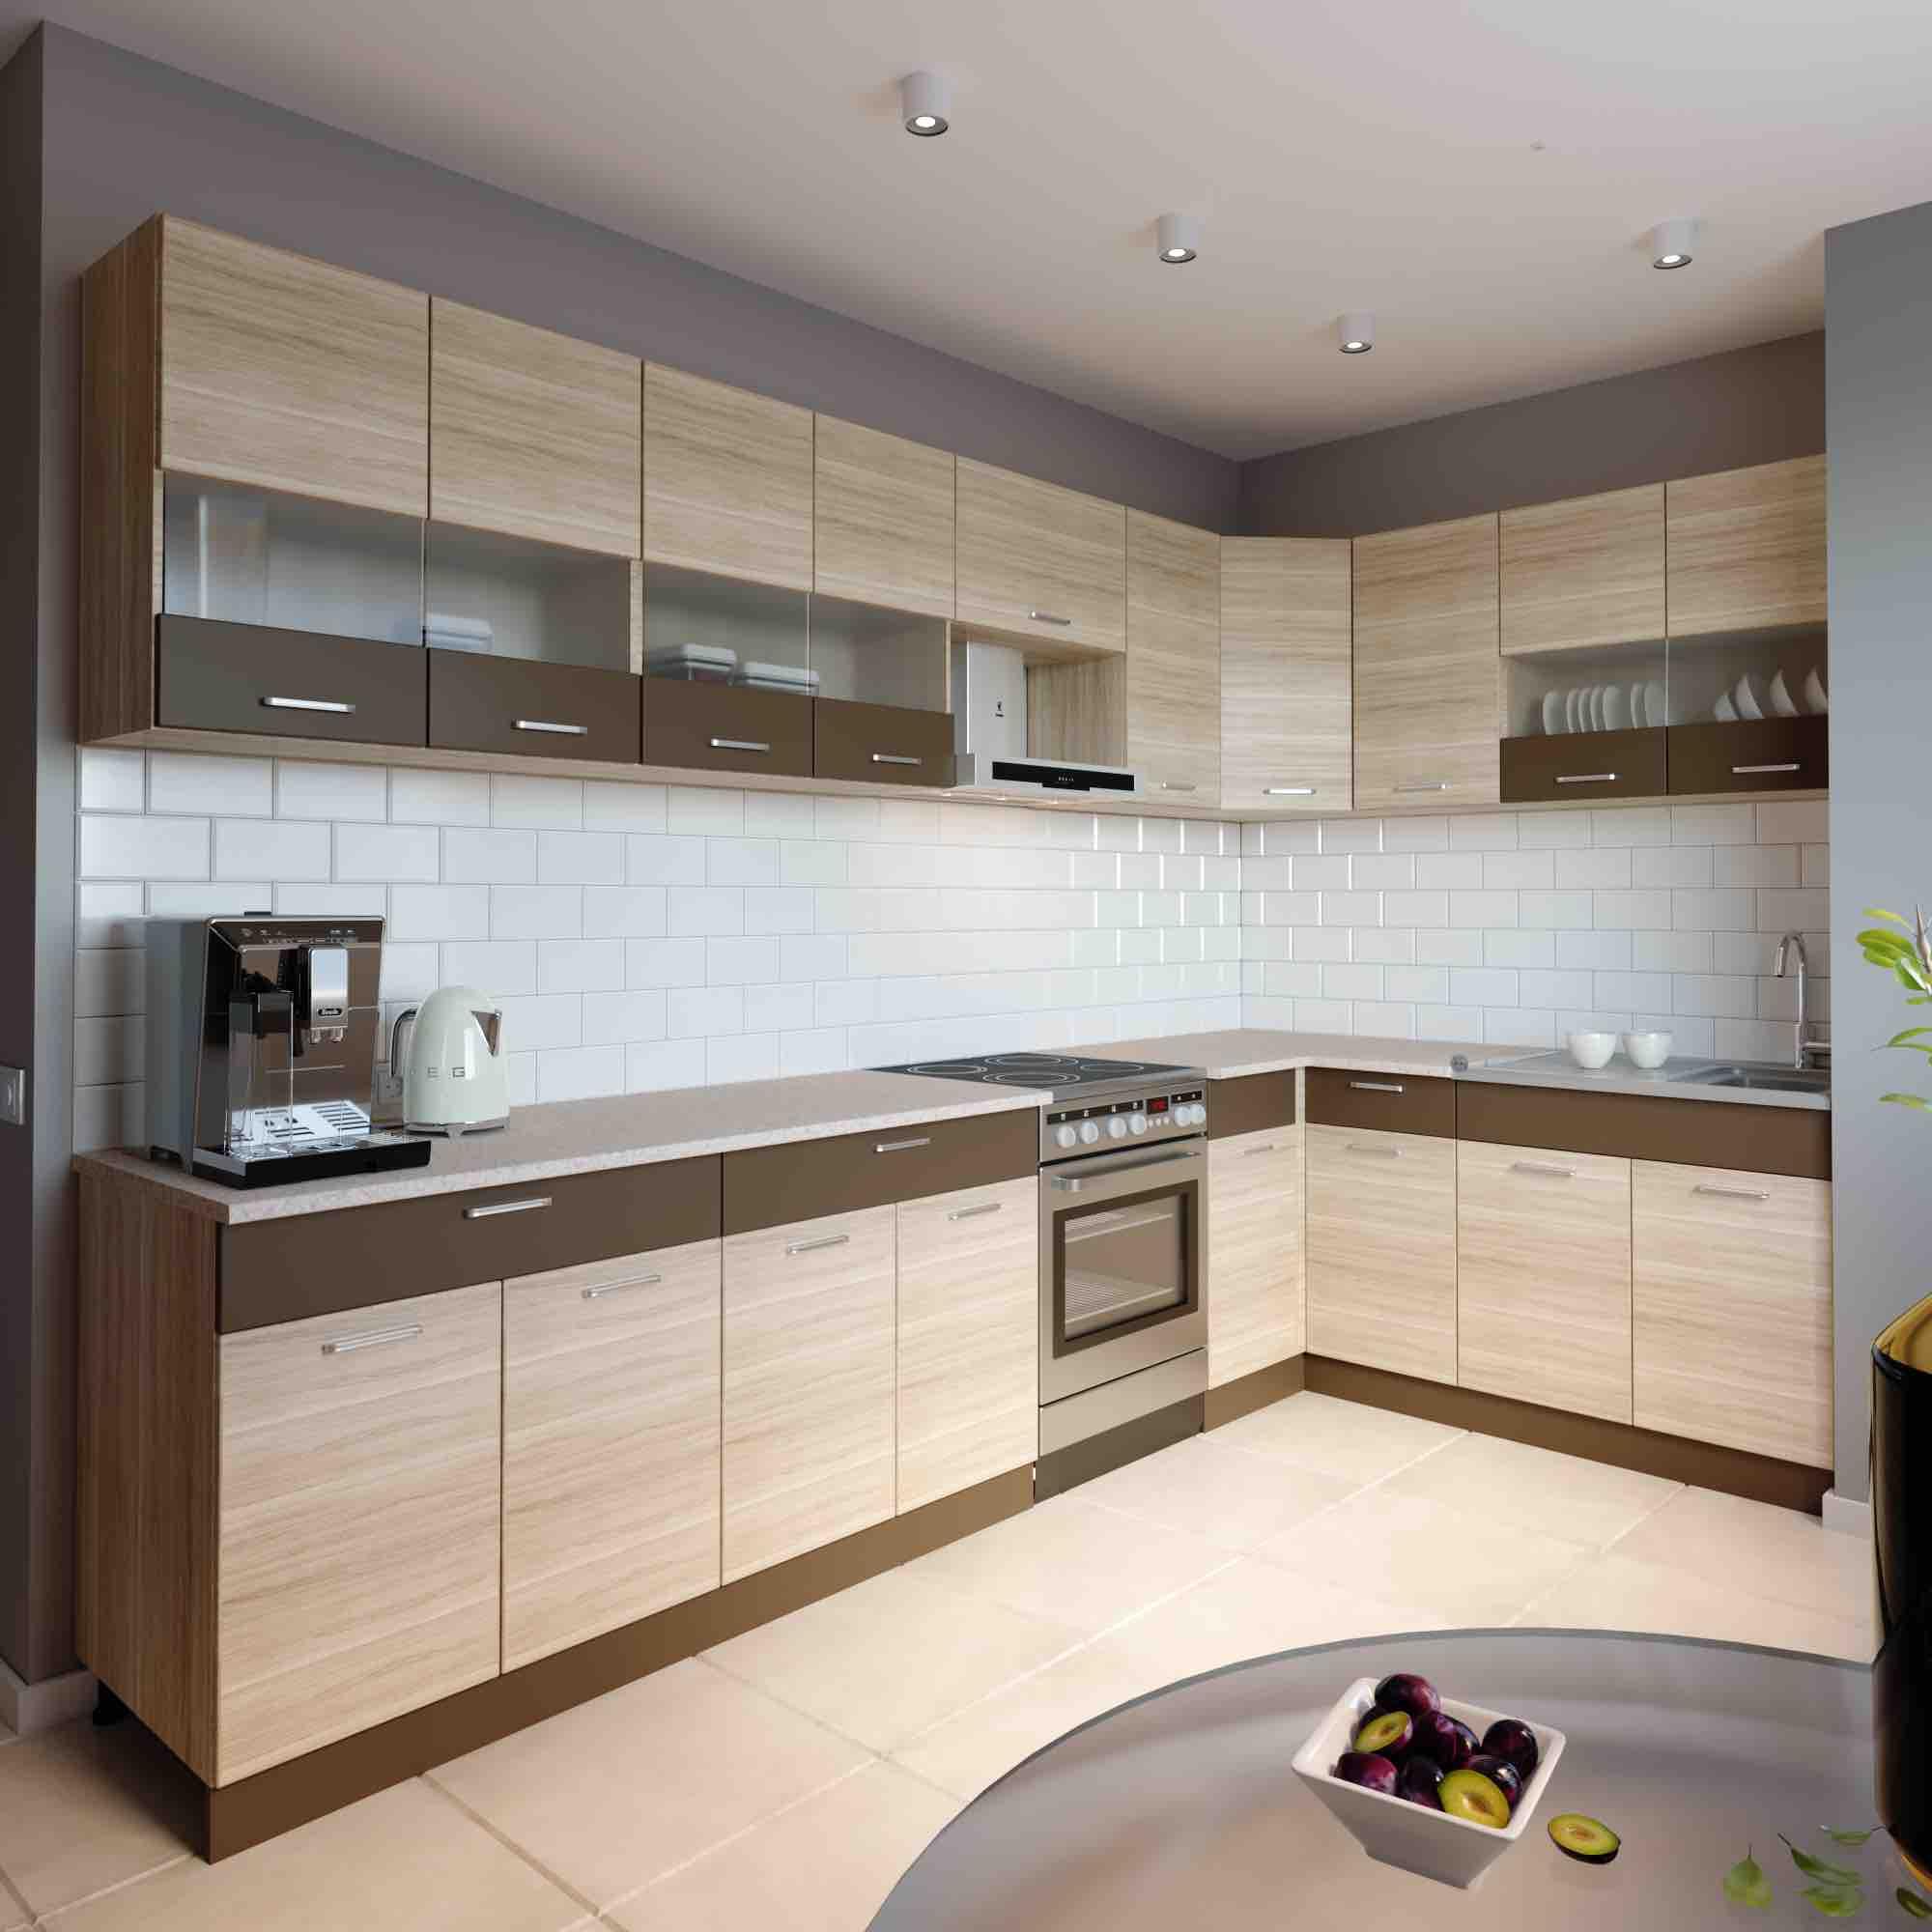 k che l form alina 180 320 cm m bel dena. Black Bedroom Furniture Sets. Home Design Ideas